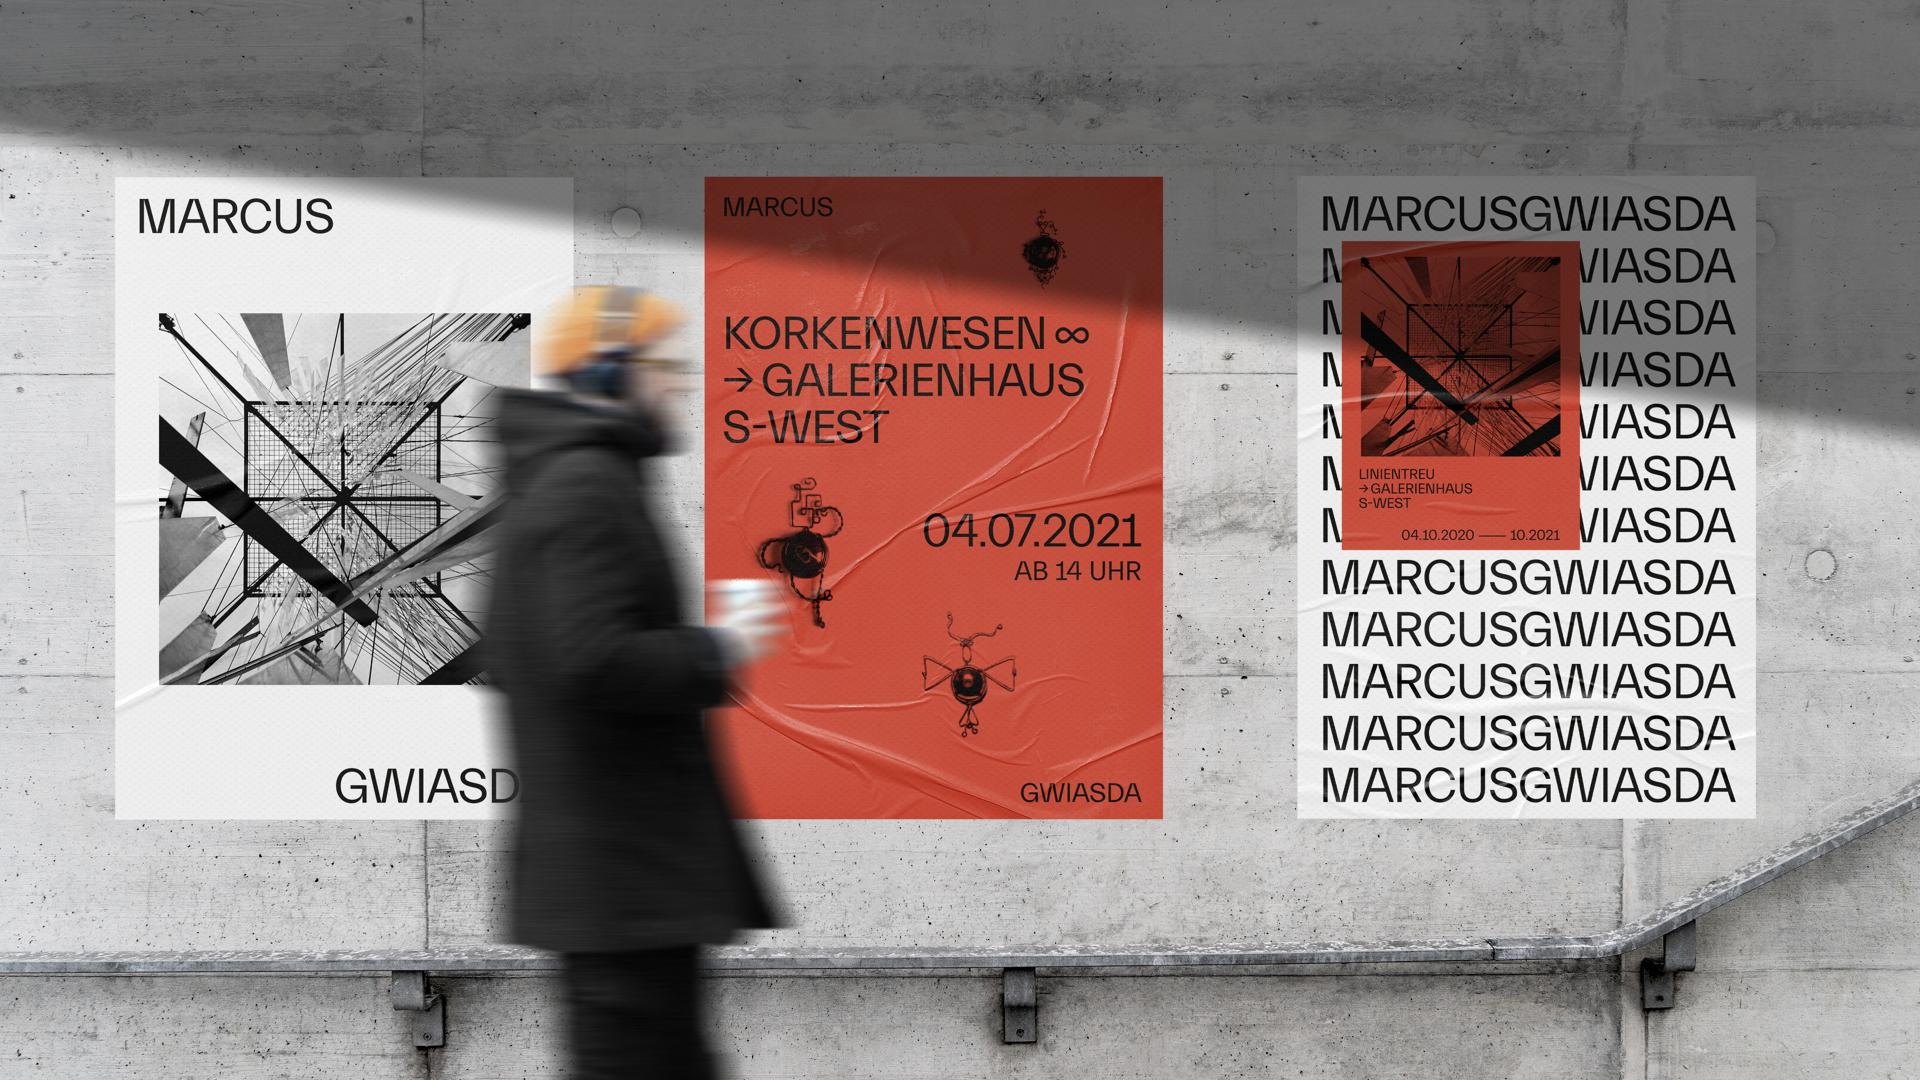 MarcusGwiasda_Corporate Design